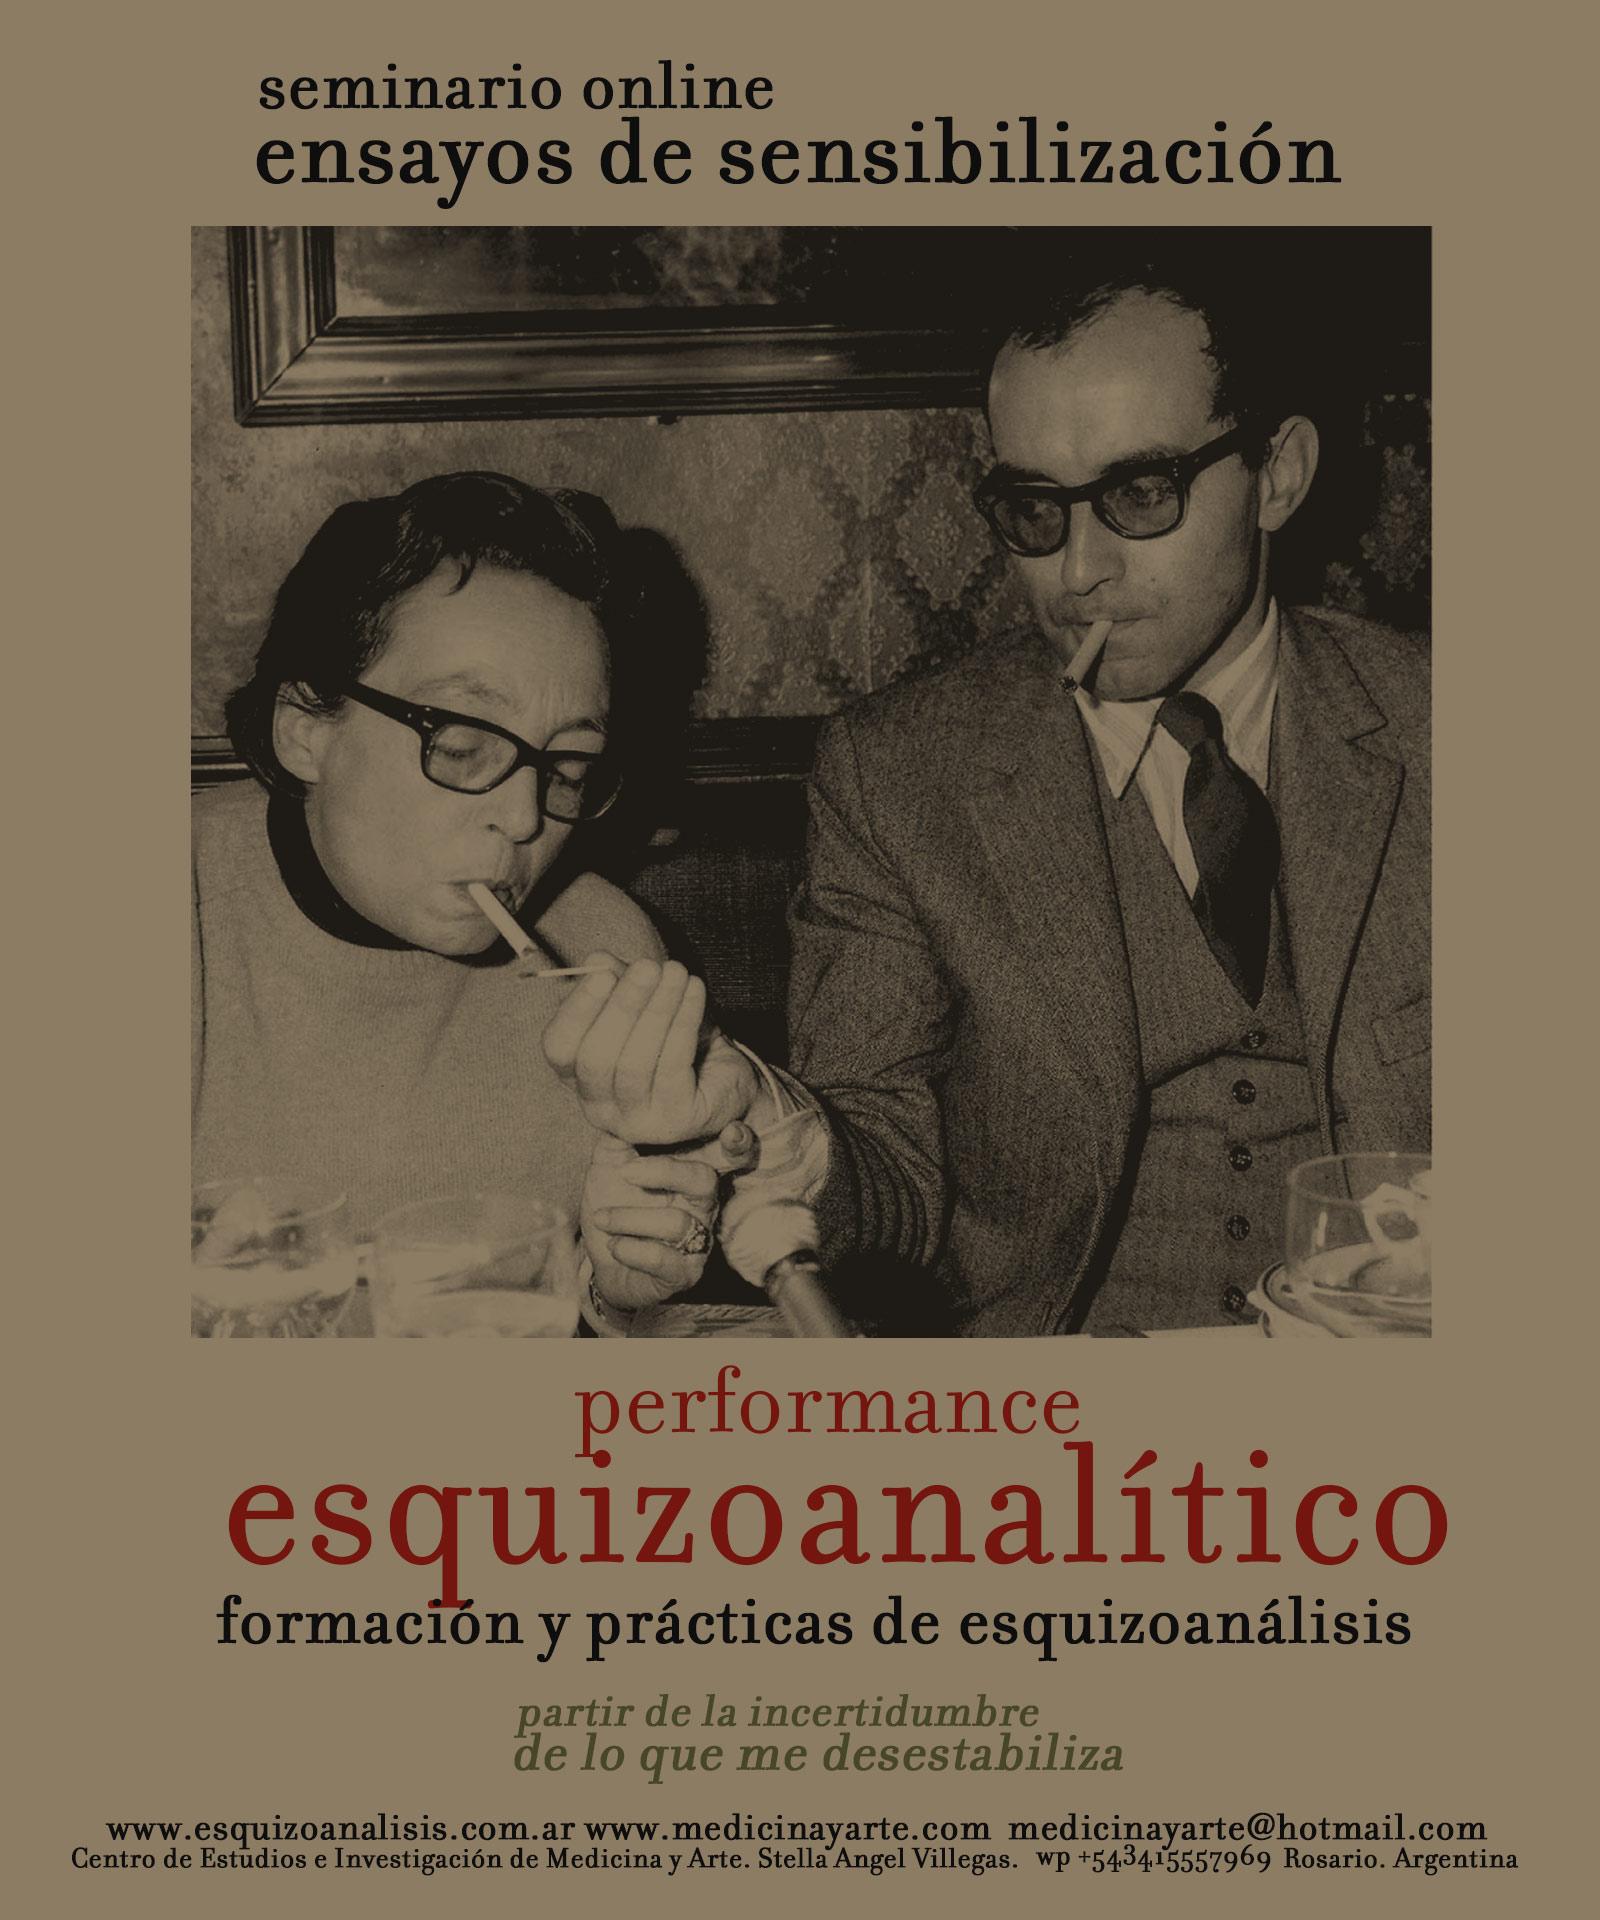 http://medicinayarte.com/img/performance-esquizoanalitico4.jpg